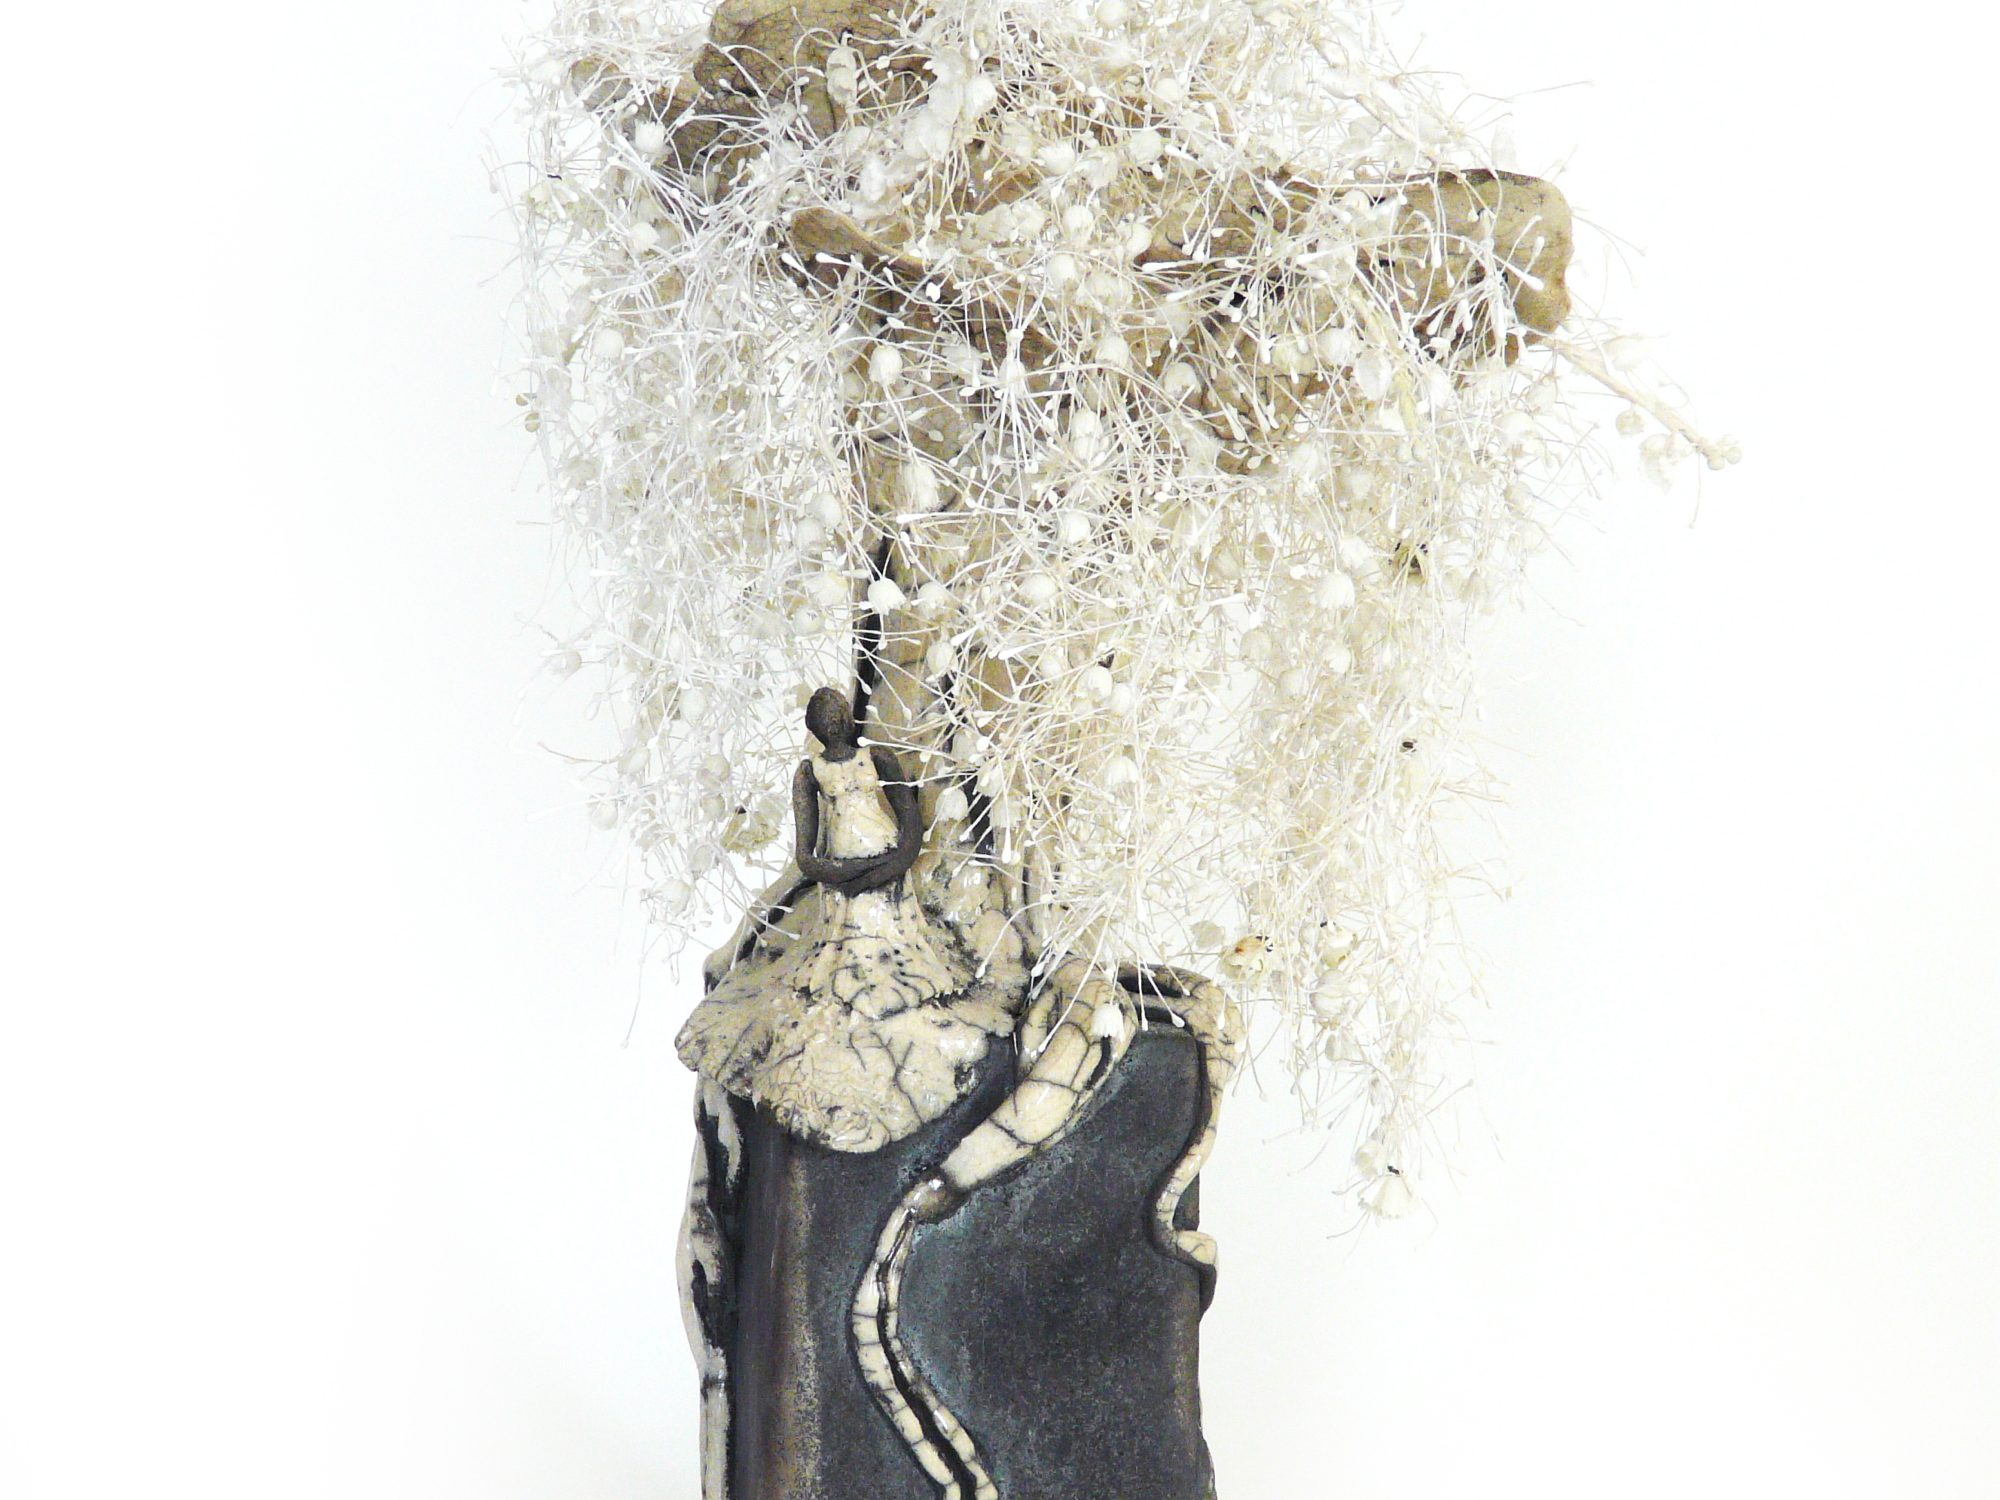 Cueillette sous le Muguetier en fleurs - Grès – Raku - Étamines du Moulin de la Fleuristerie - Sculptures céramique de Florence Lemiegre